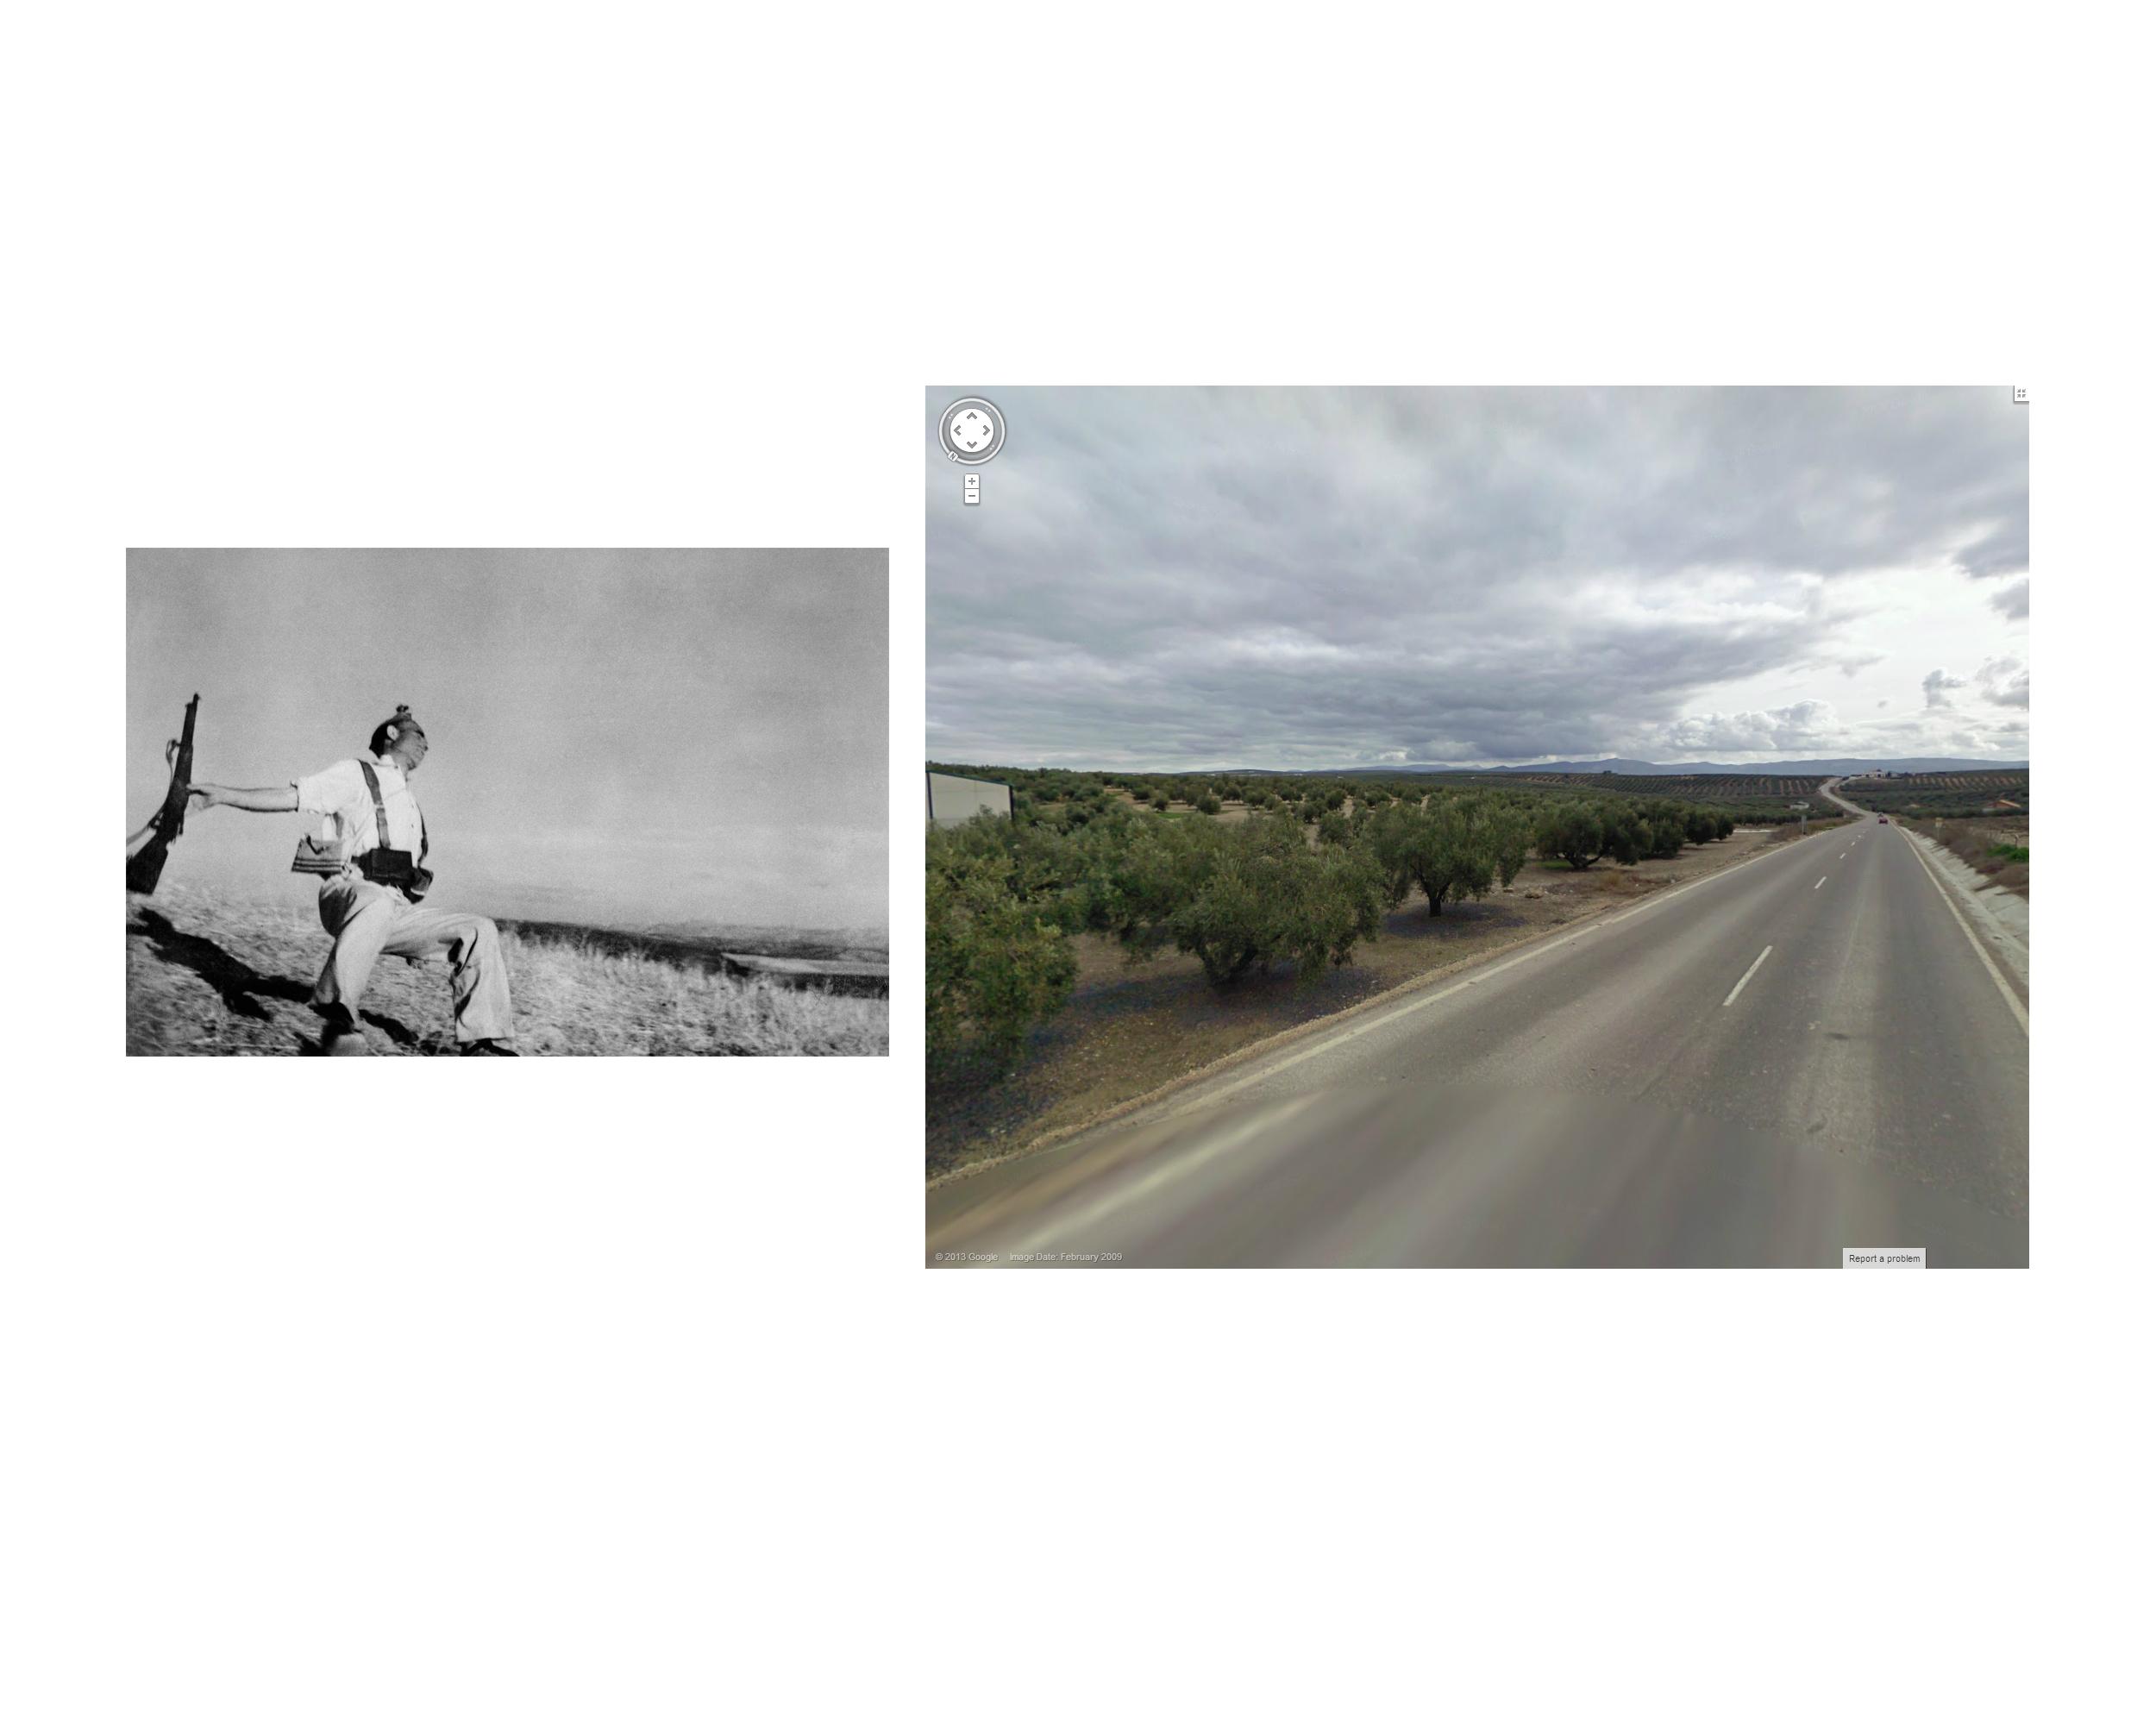 Robert Capa, Espejo, Spain 1936